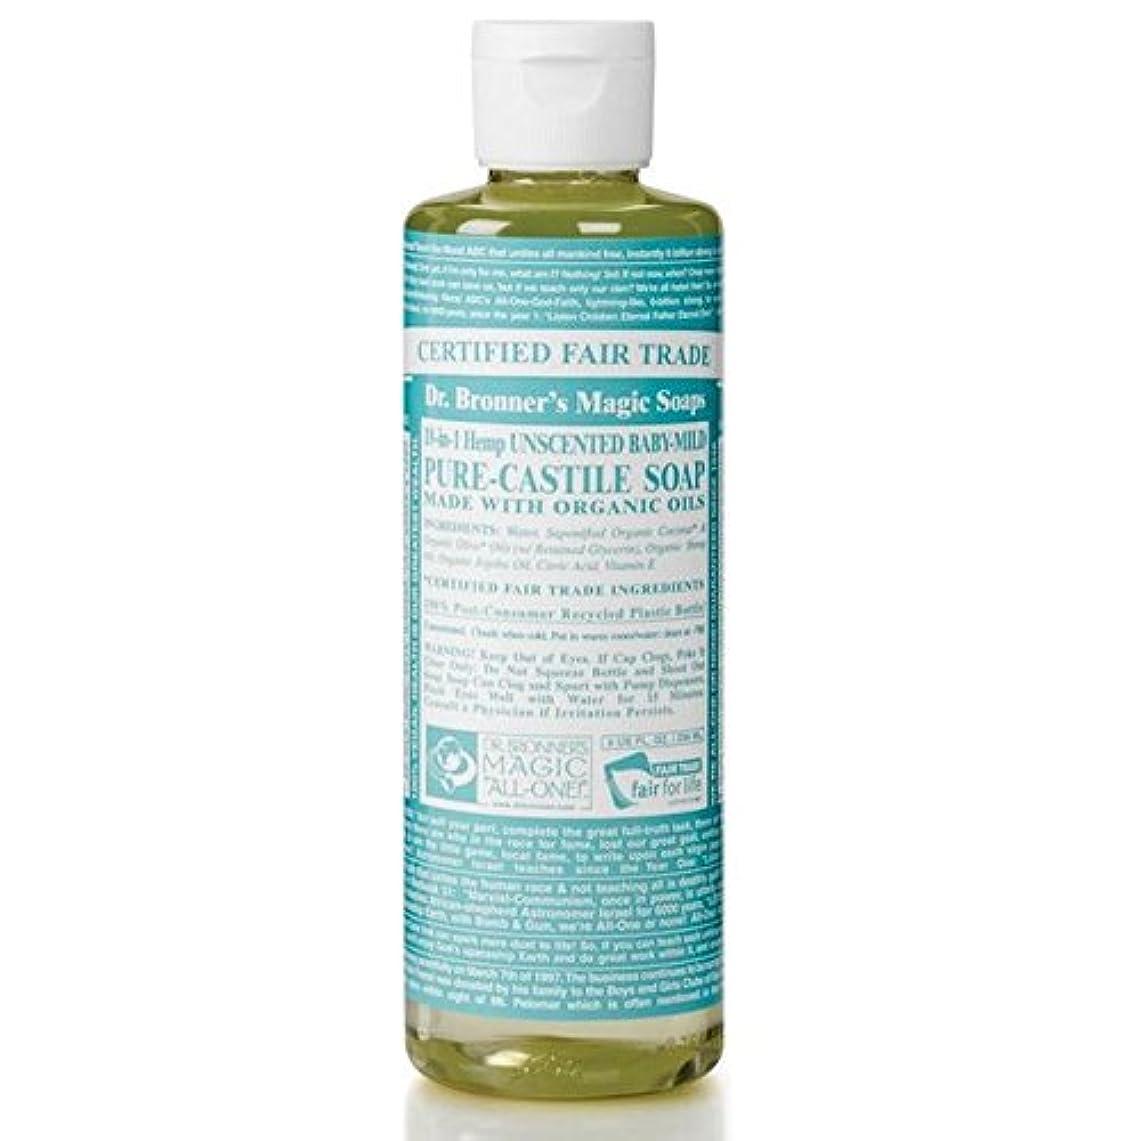 不倫慎重制裁のブロナーオーガニックベビーマイルドなキャスト液体石鹸237ミリリットル x2 - Dr Bronner Organic Baby Mild Cast Liquid Soap 237ml (Pack of 2) [並行輸入品]